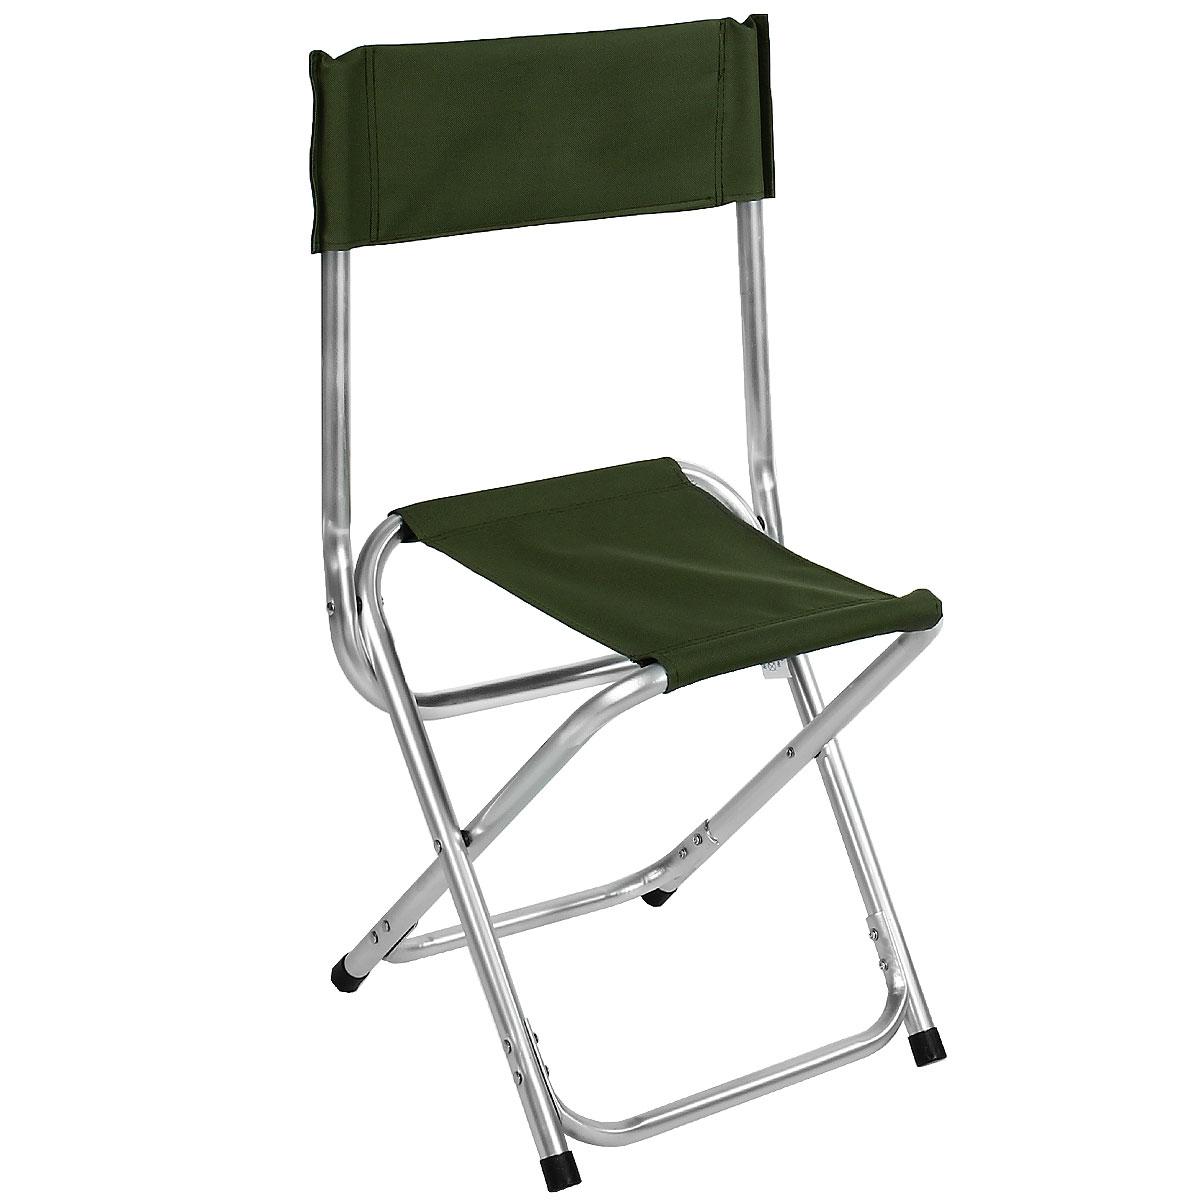 Стул складной Happy Camper, цвет: темно-зеленый32187Стул складной Happy Camper - это незаменимый предмет походной мебели, очень удобен в эксплуатации. Каркас стула изготовлен из прочного и долговечного алюминиевого сплава, устойчивого к погодным условиям, и оснащенный простым и безопасным механизмом регулировки и фиксации. Стул легко собирается и разбирается и не занимает много места, поэтому подходит для транспортировки и хранения дома. Складное кресло прекрасно подойдет для комфортного отдыха на даче или в походе.Высота от пола до сидения: 40 см.Материал: 600D ПВХ, каркас - алюминий, диаметром 19 мм.Размеры стула в сложенном состоянии: 42 см х 38 см х 31 см.Максимальная нагрузка: 60 кг.